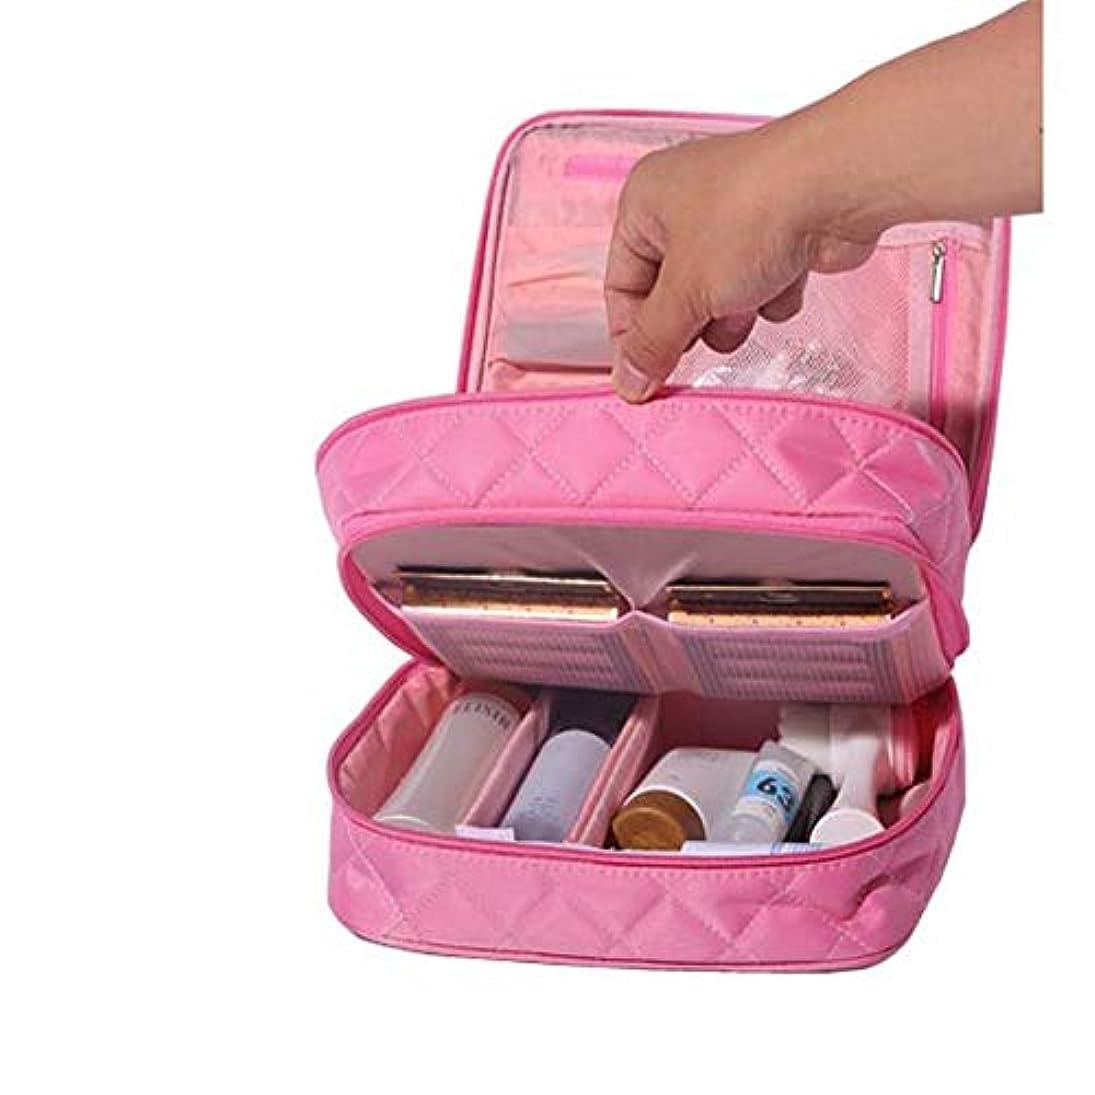 転倒パラダイス与える特大スペース収納ビューティーボックス 化粧品袋、携帯用旅行化粧品の箱、化粧品の箱、収納箱、調節可能なディバイダーが付いている小型化粧の電車箱、化粧品の化粧筆、化粧品 化粧品化粧台 (色 : ピンク)